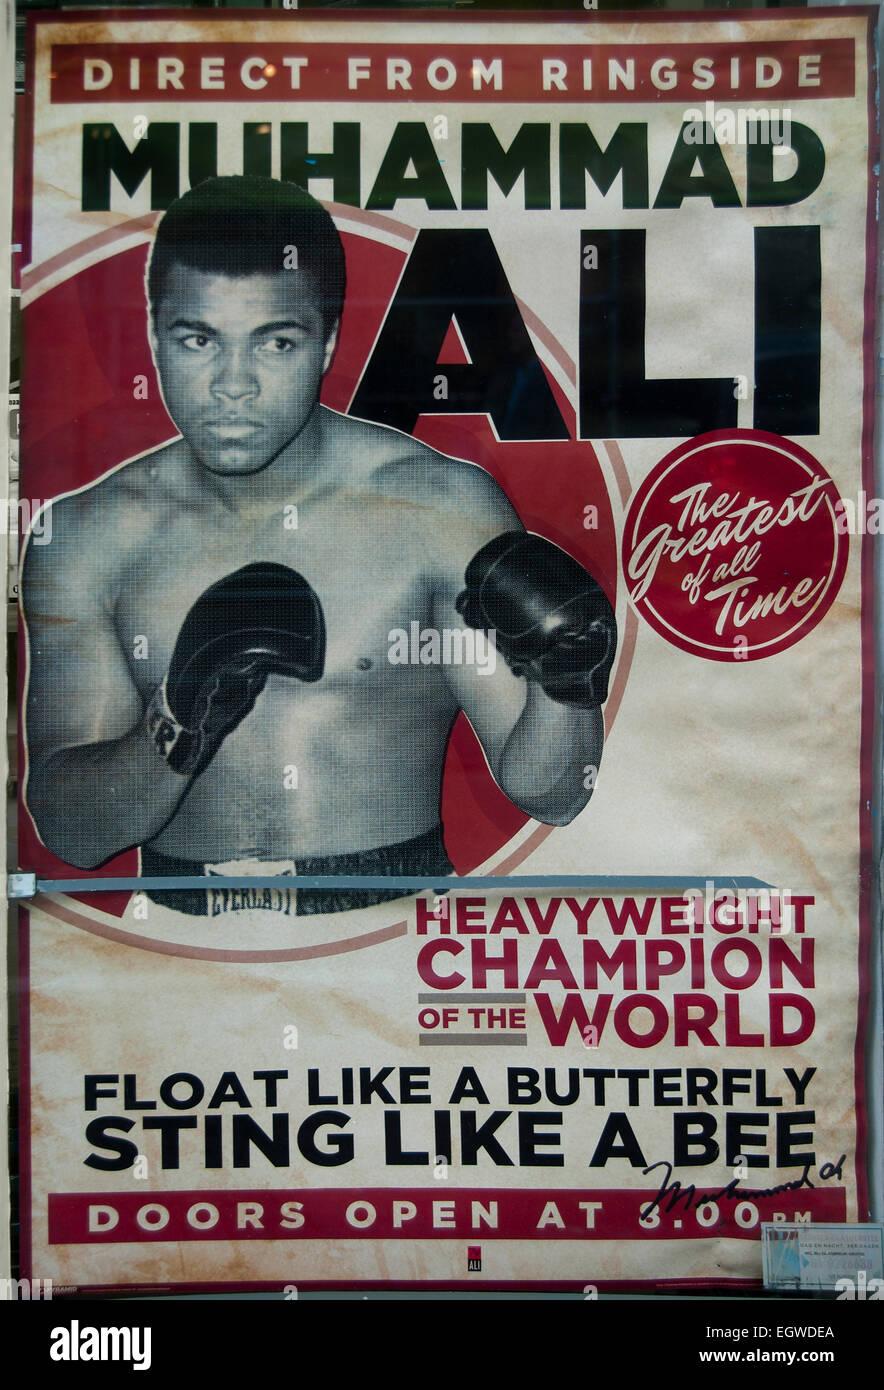 Muhammad Ali boxeur Boxe Champion du monde poids lourd ( direct du ring ) Photo Stock